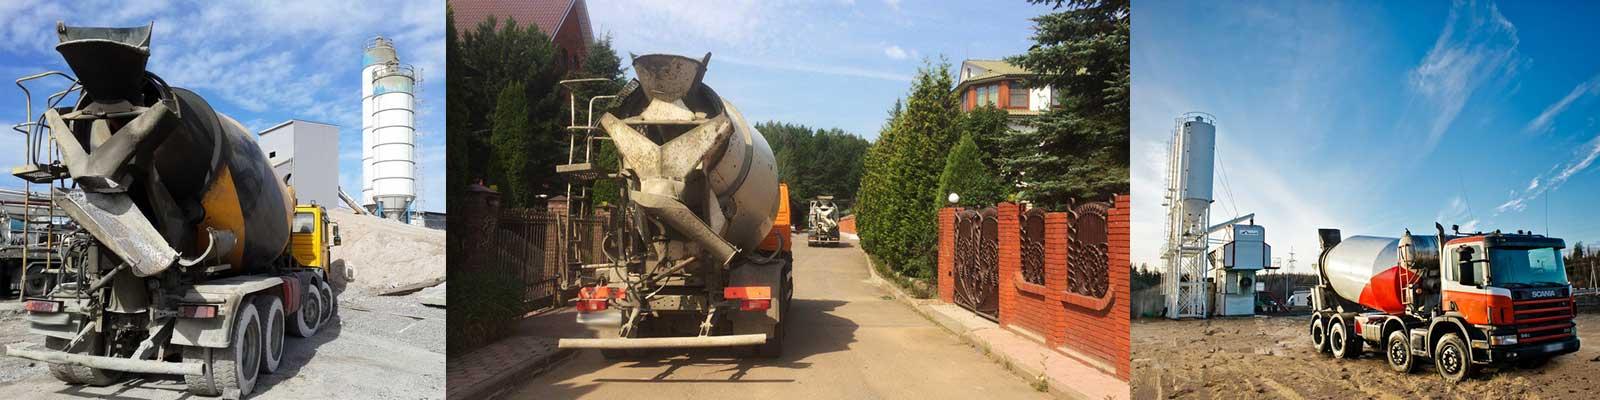 Купить бетон в Павловском Посаде с доставкой